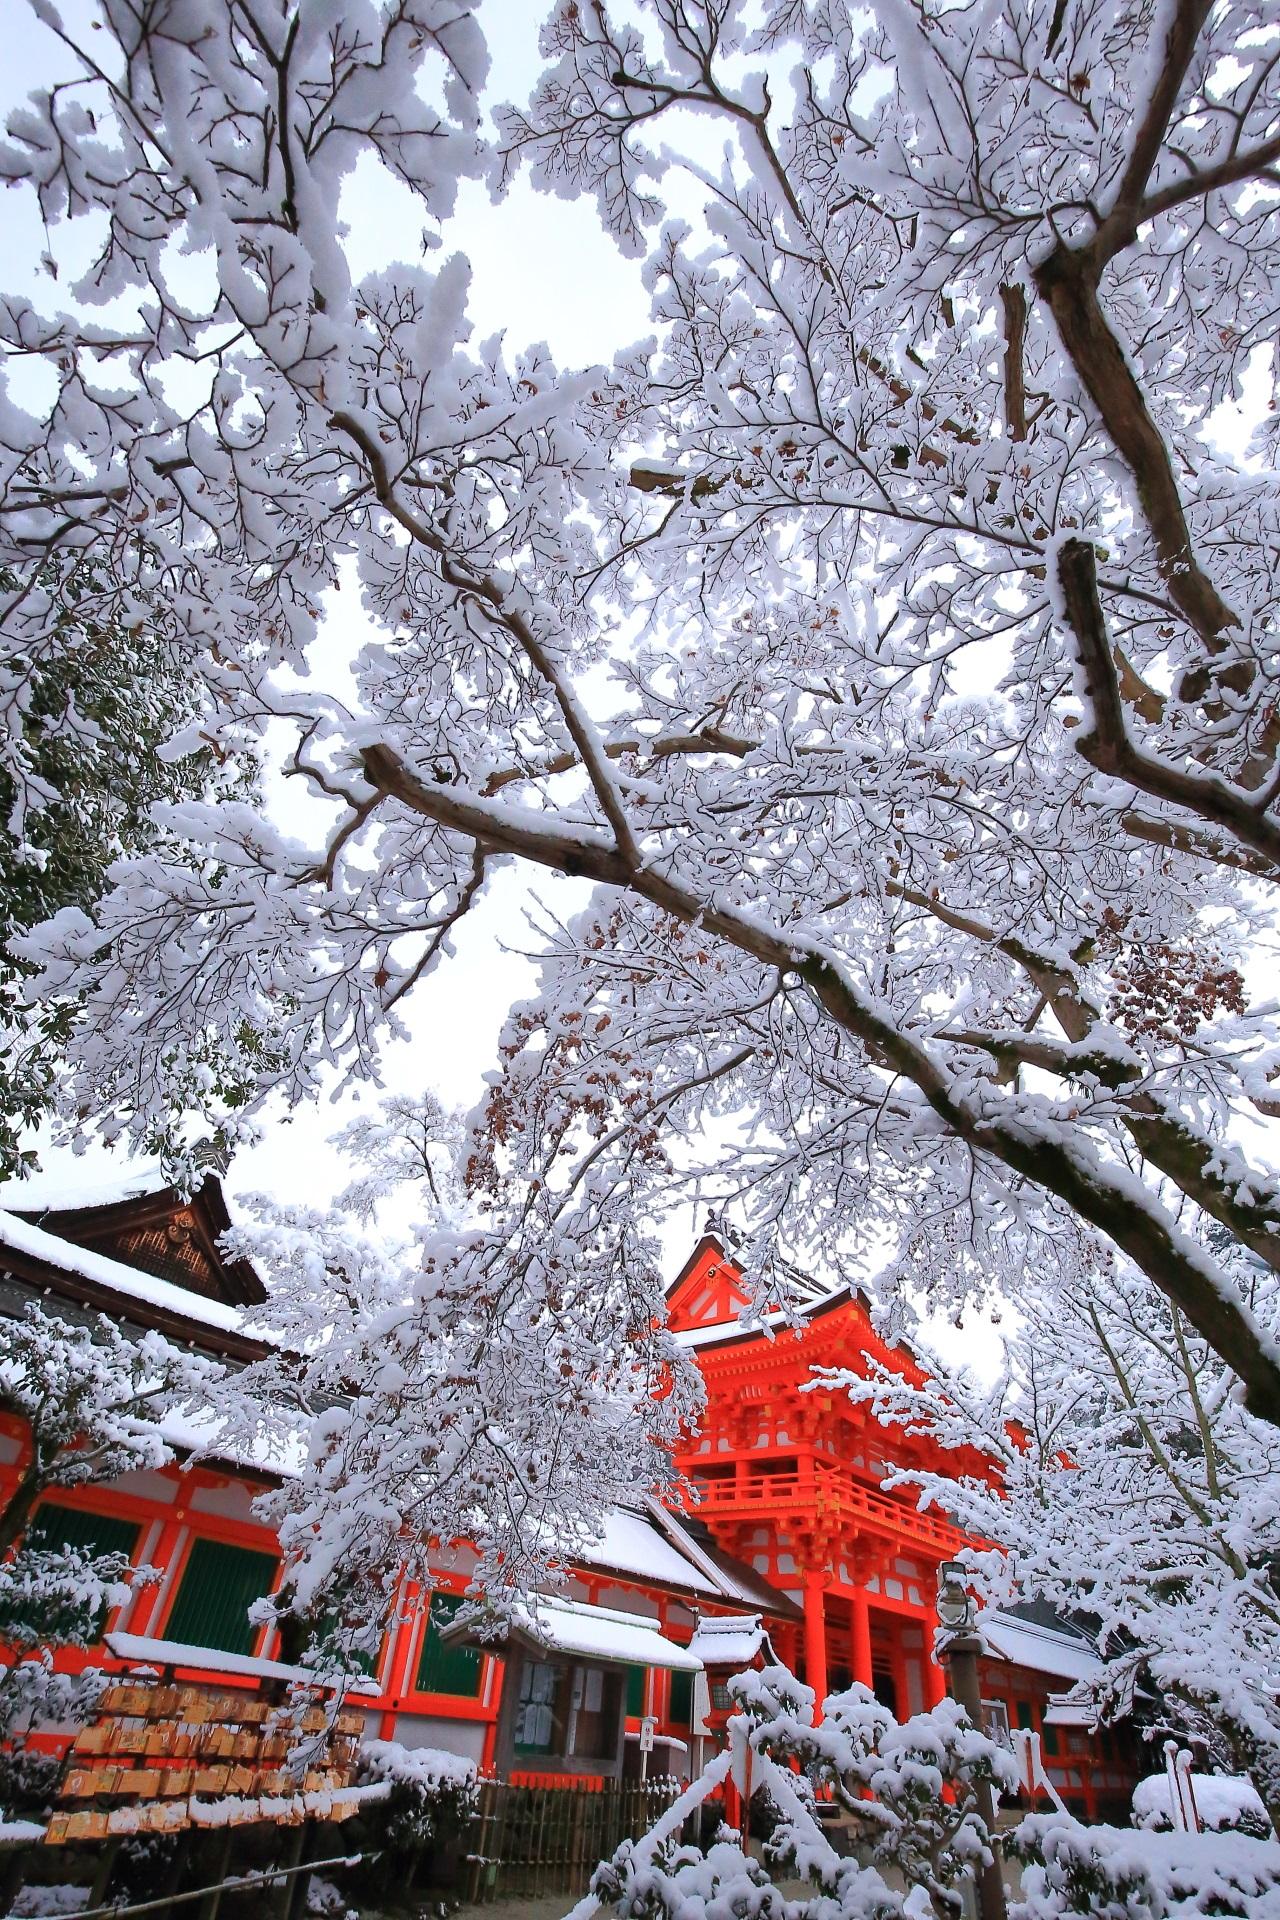 上賀茂神社の素晴らしい冬景色と雪の情景